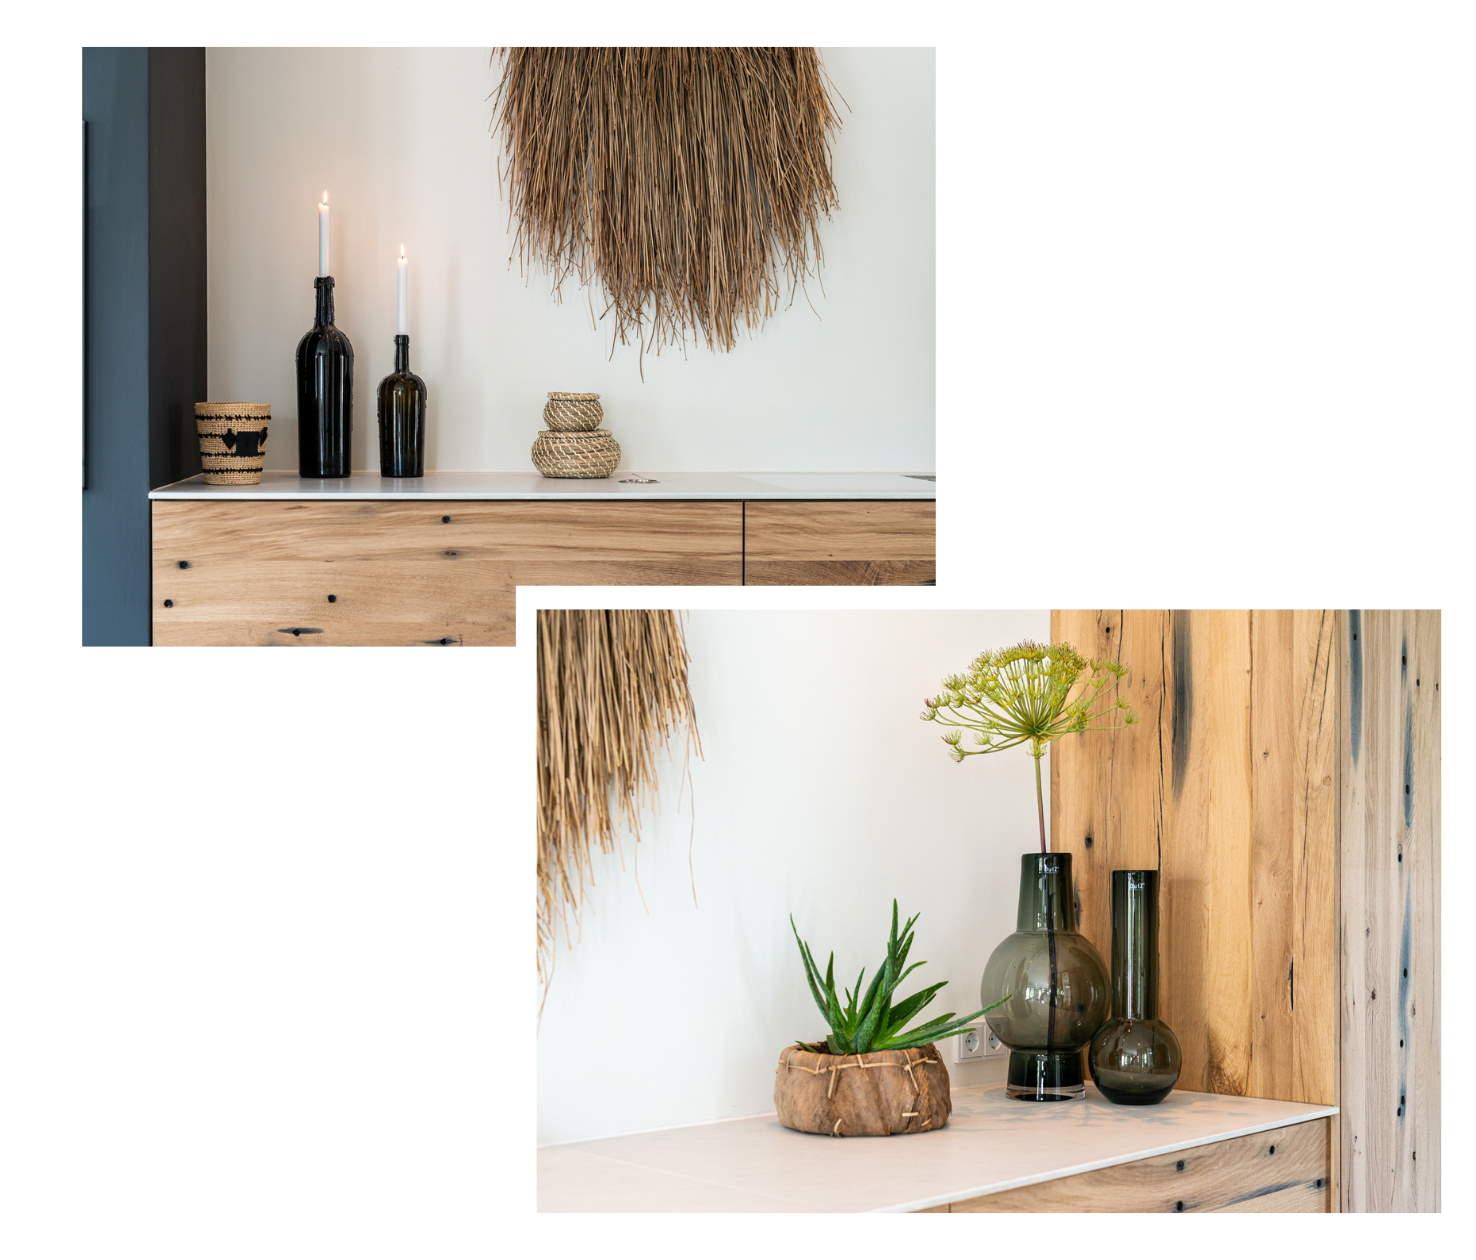 Zwevendekeuken in Noordwijk gerealiseerd door Boudewijn Hosmus -